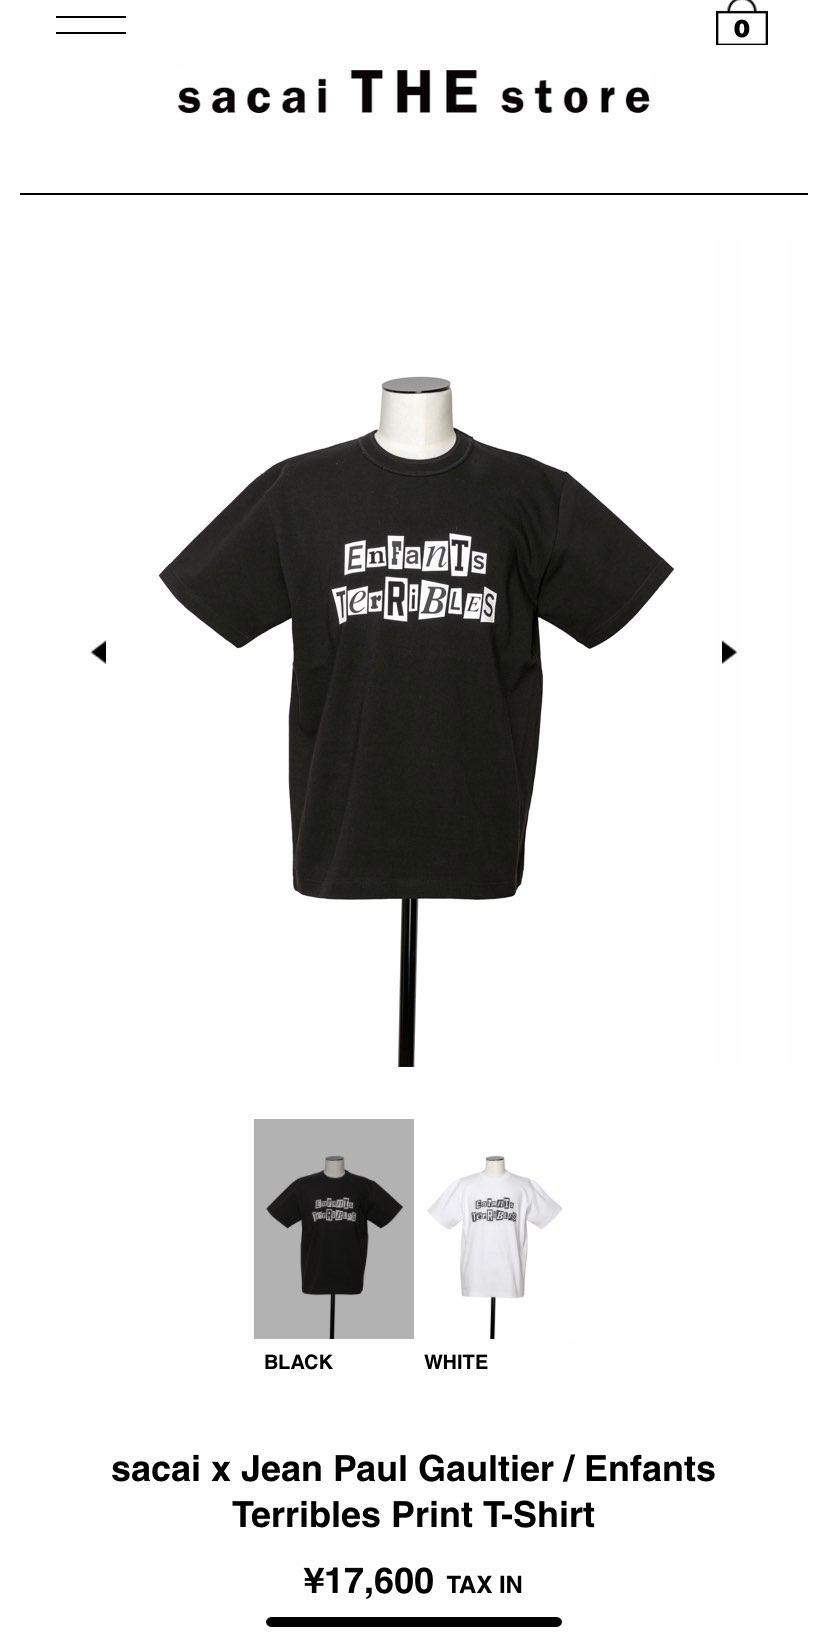 どなたか、このTシャツ買った方いませんかー?サイズ感お聞きしたいです。よろしくお